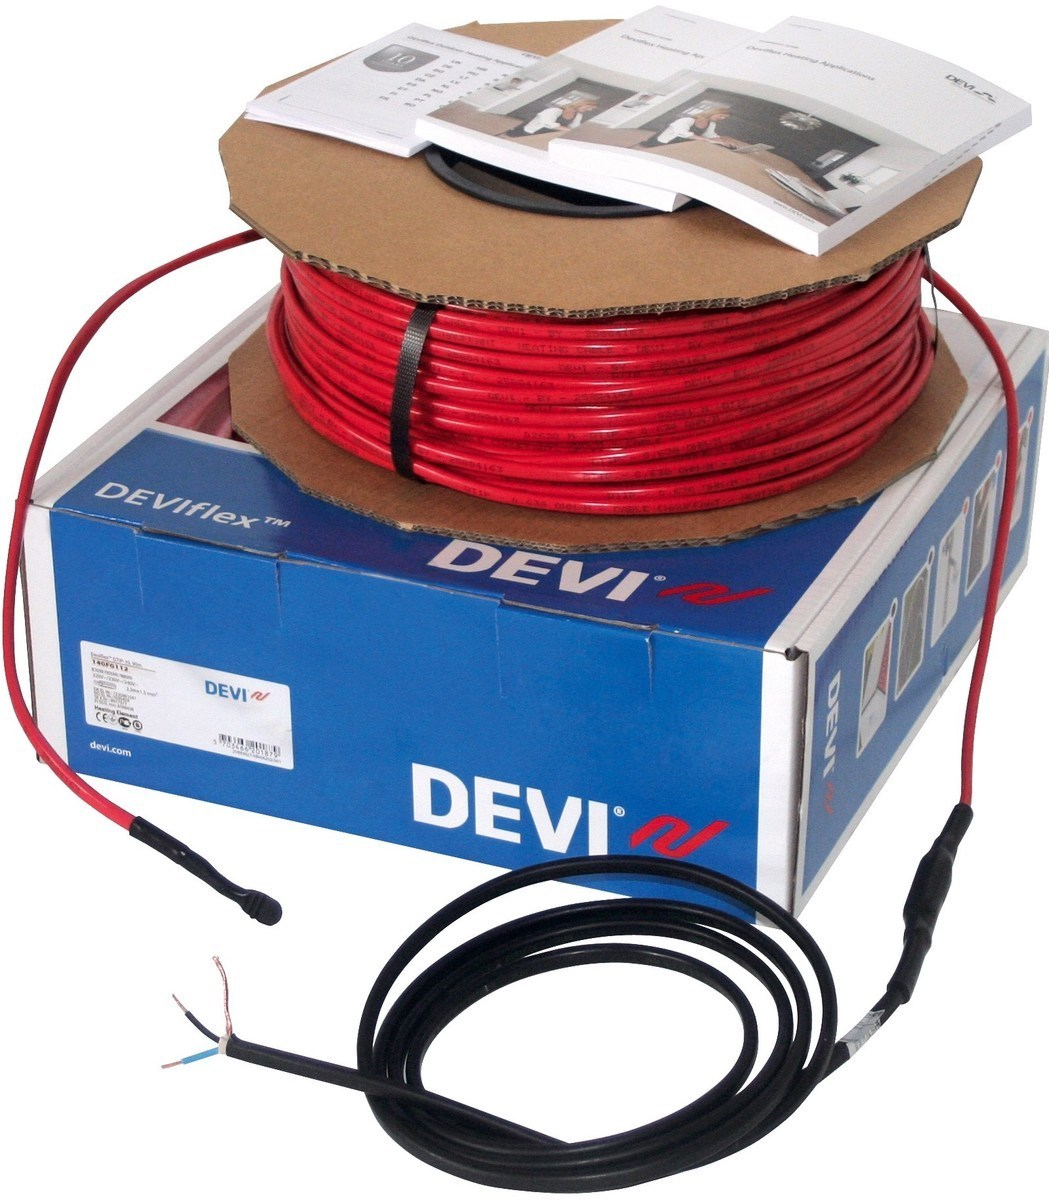 Куплю нагревательный кабель Deviflex 990 Вт, 100 м, 230 B, DTIP-10 Вт/м, 140F1228